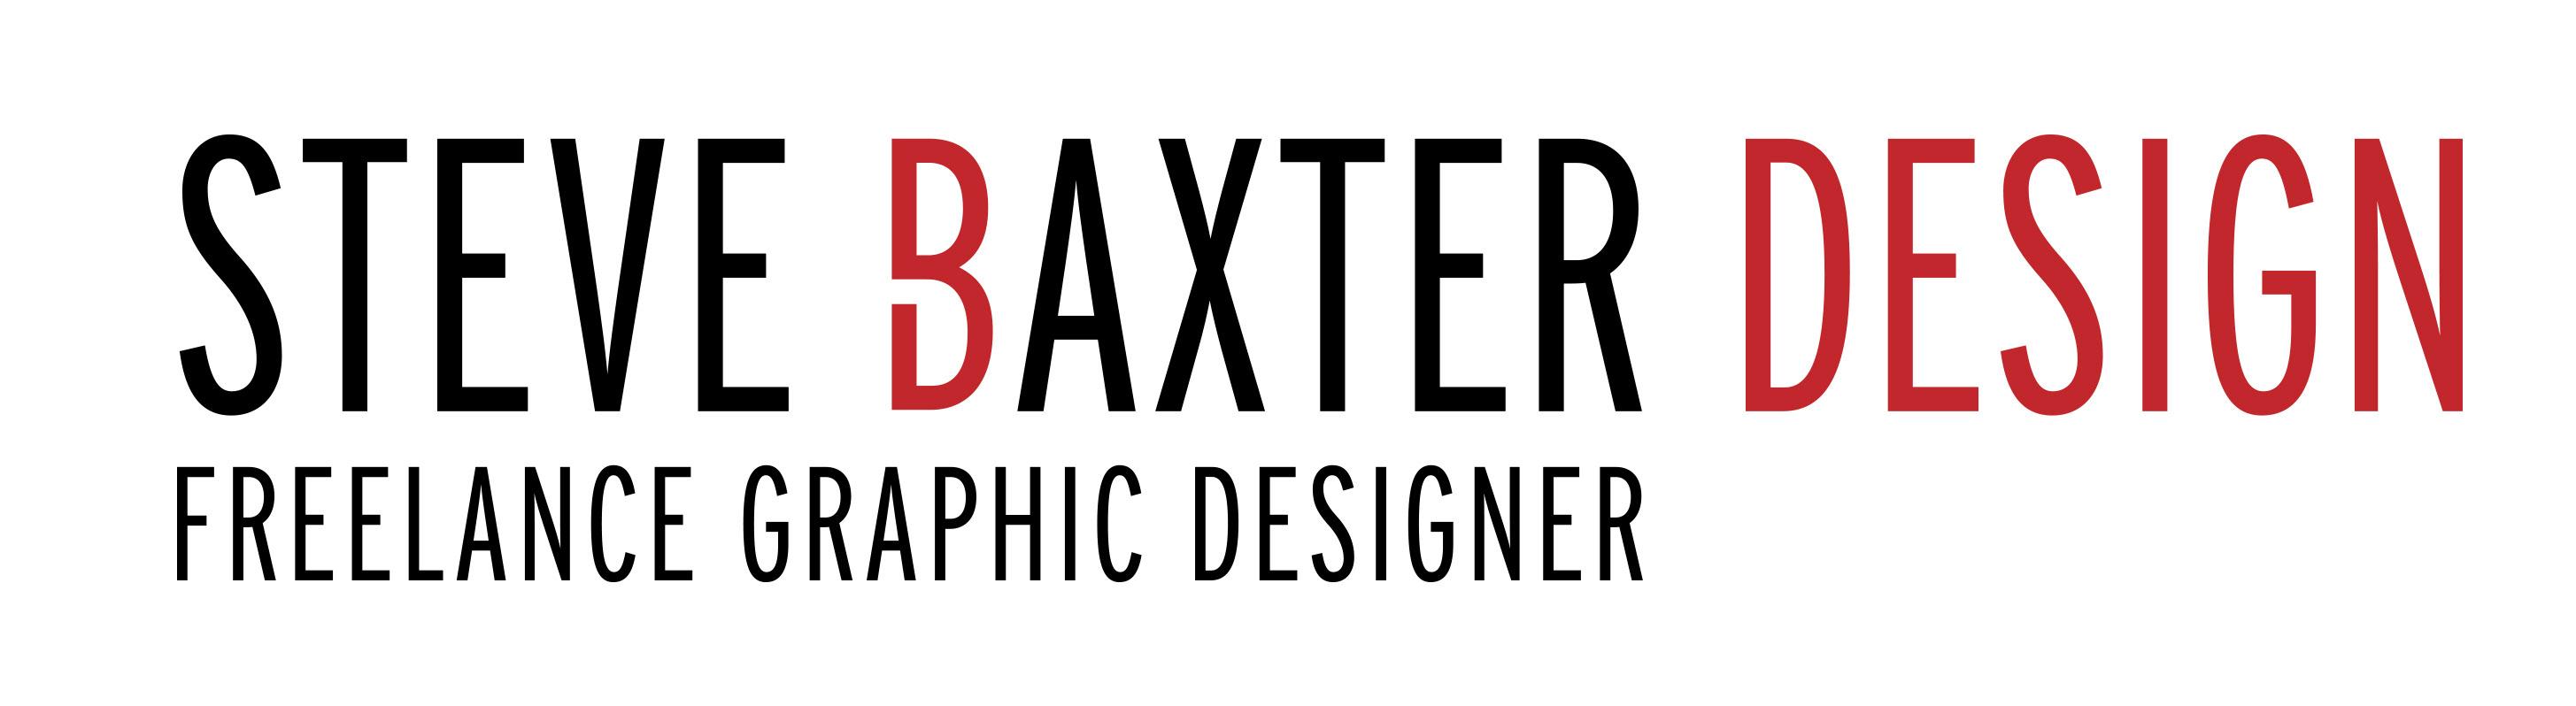 Steven Baxter